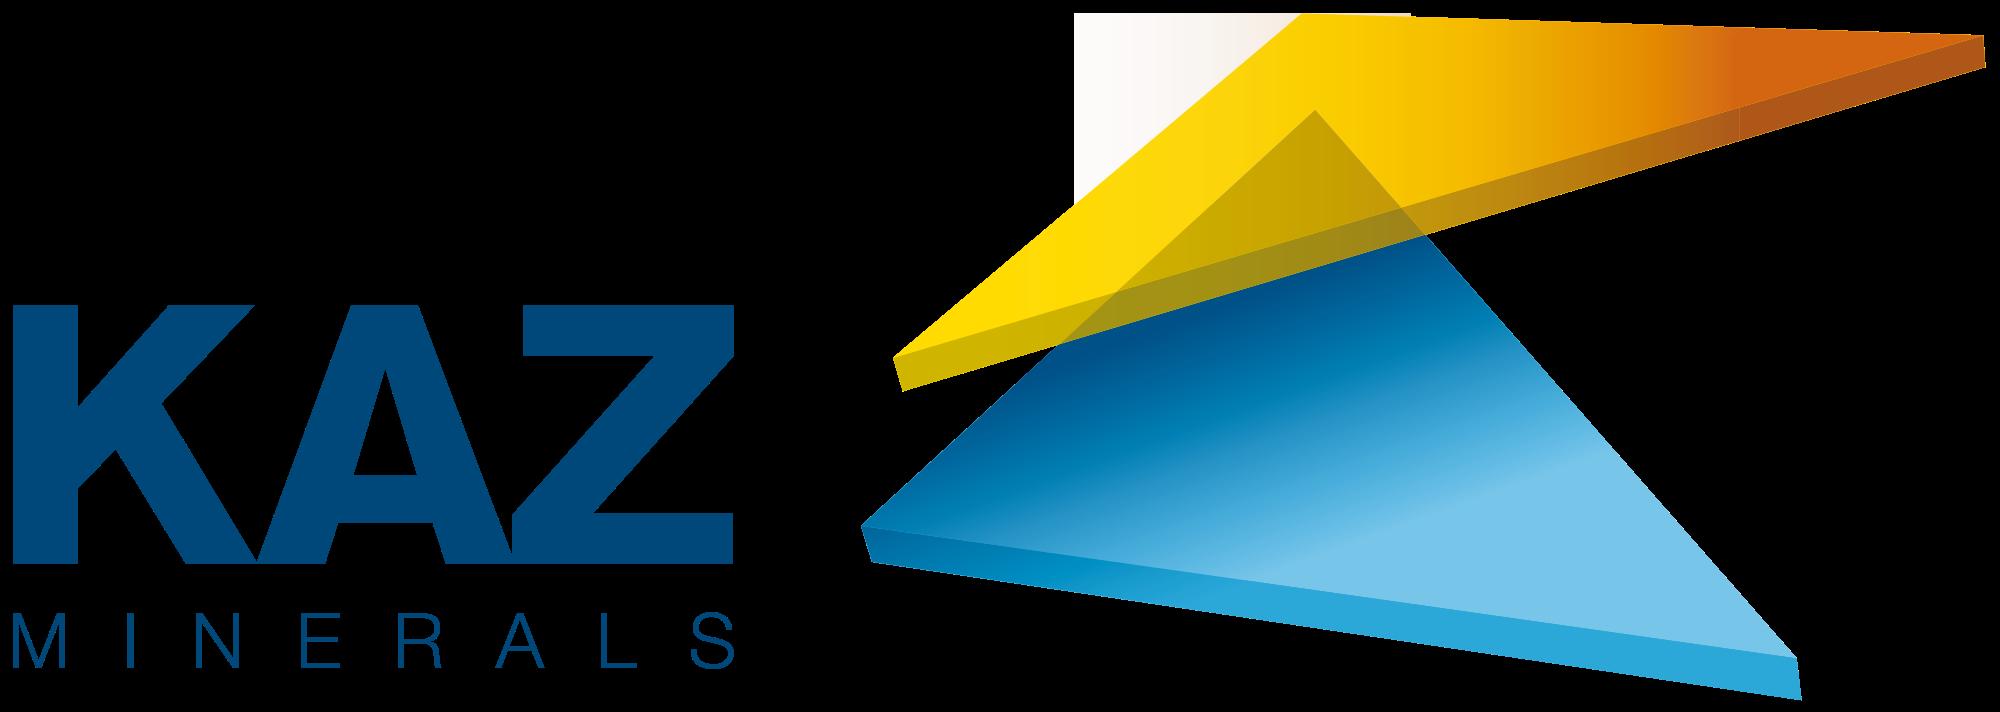 Kaz Logos Png.